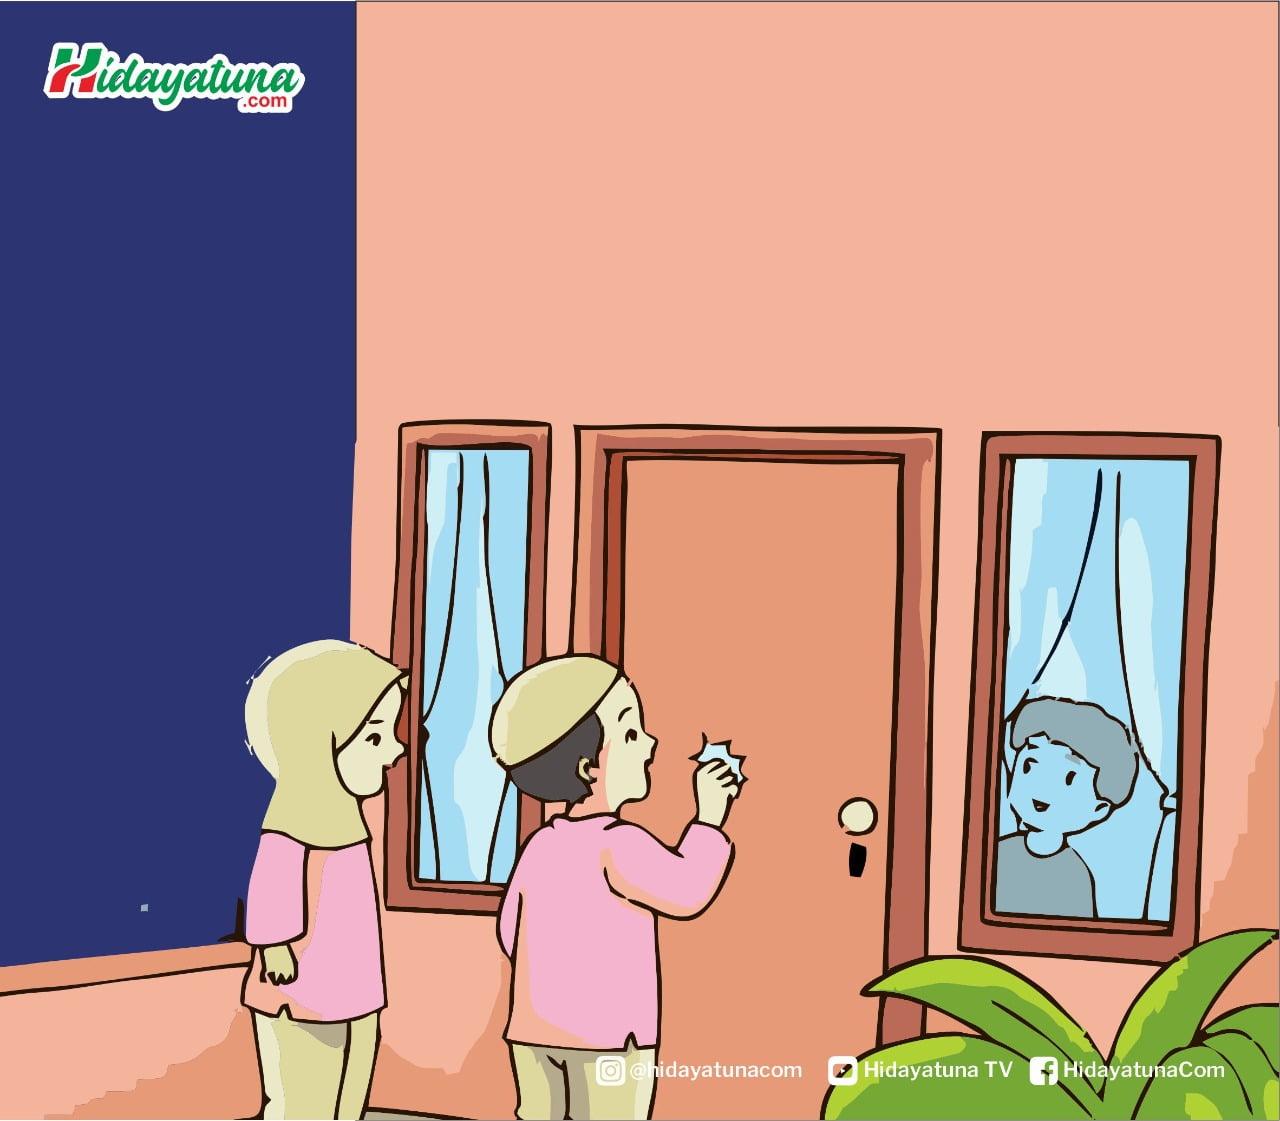 Etika menegur tetangga yang baik (Ilustrasi/Hidayatuna)